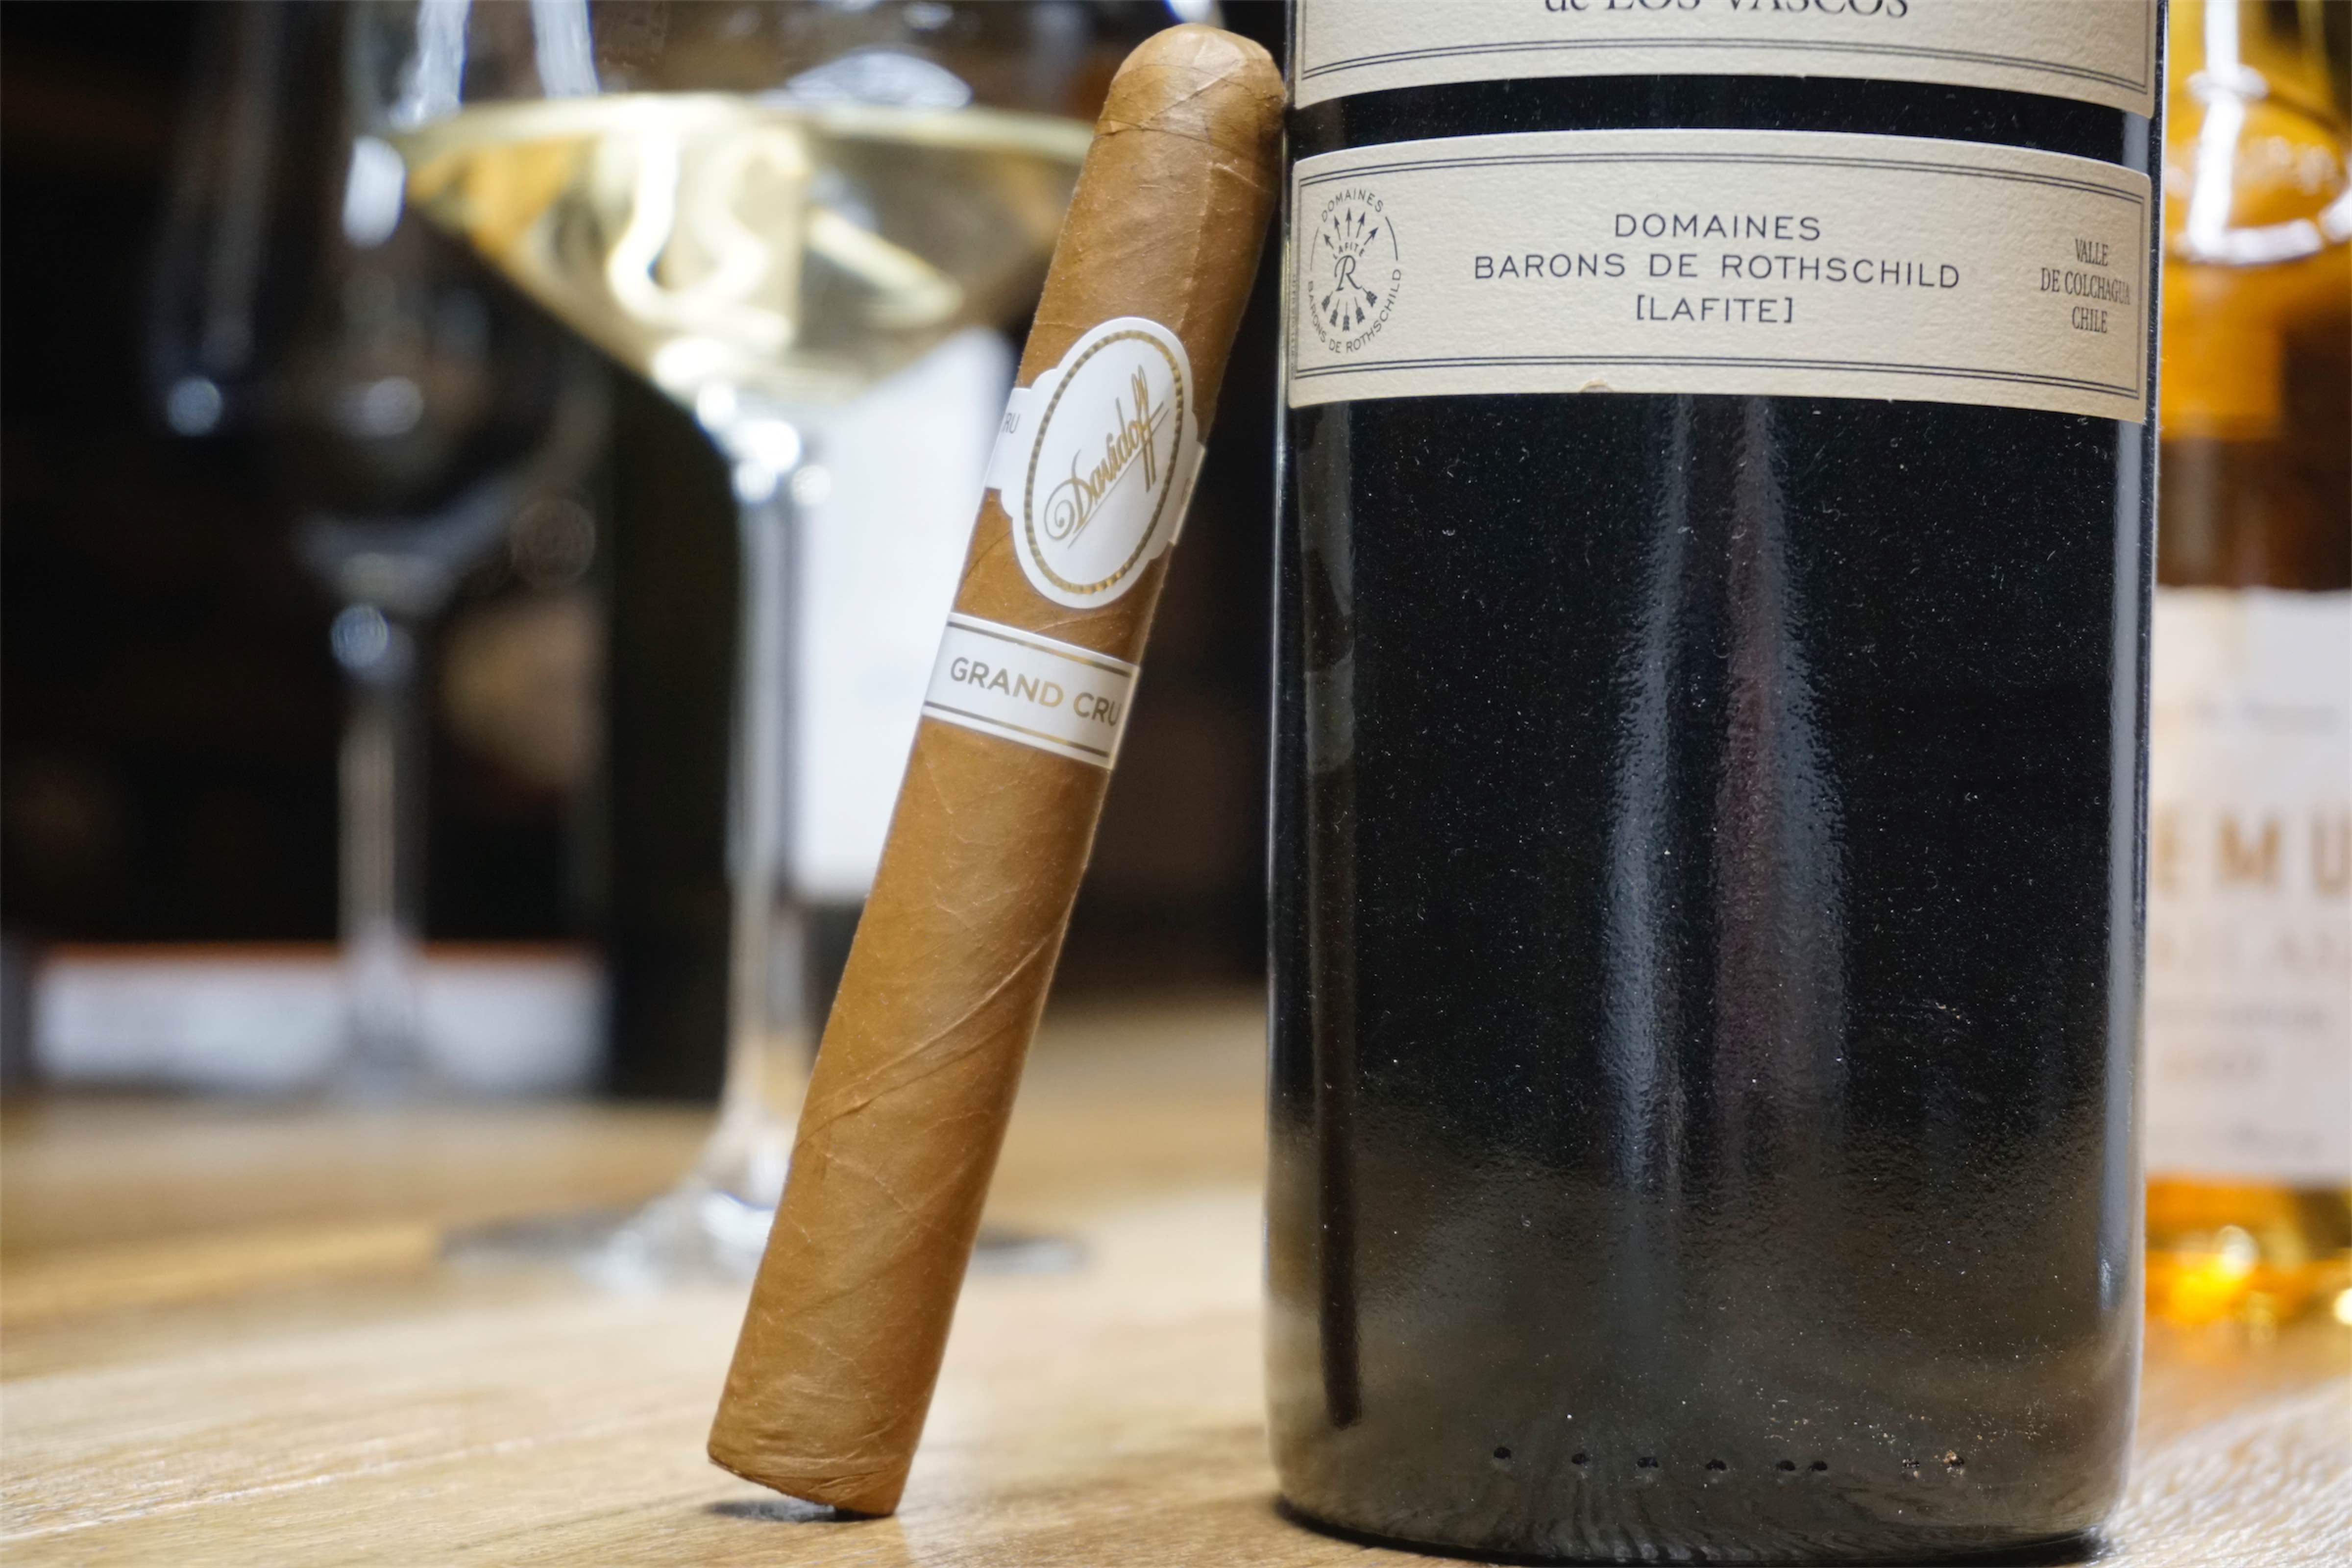 Davidoff Grand Cru i chilijskie wino, którego twórczynią była baronessa Filipina de Rotschild